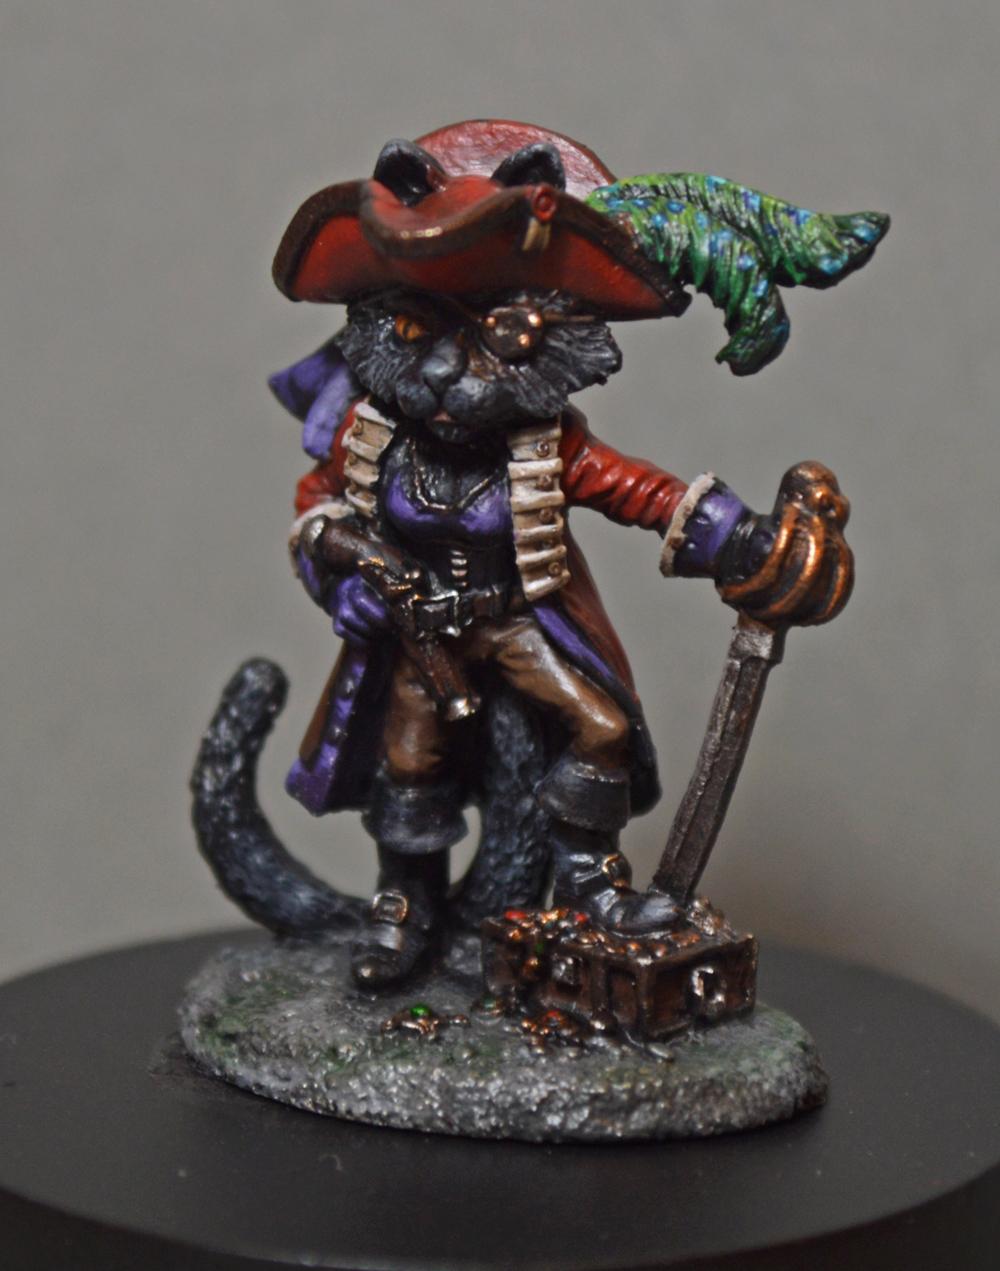 Cat, Display, Pirate